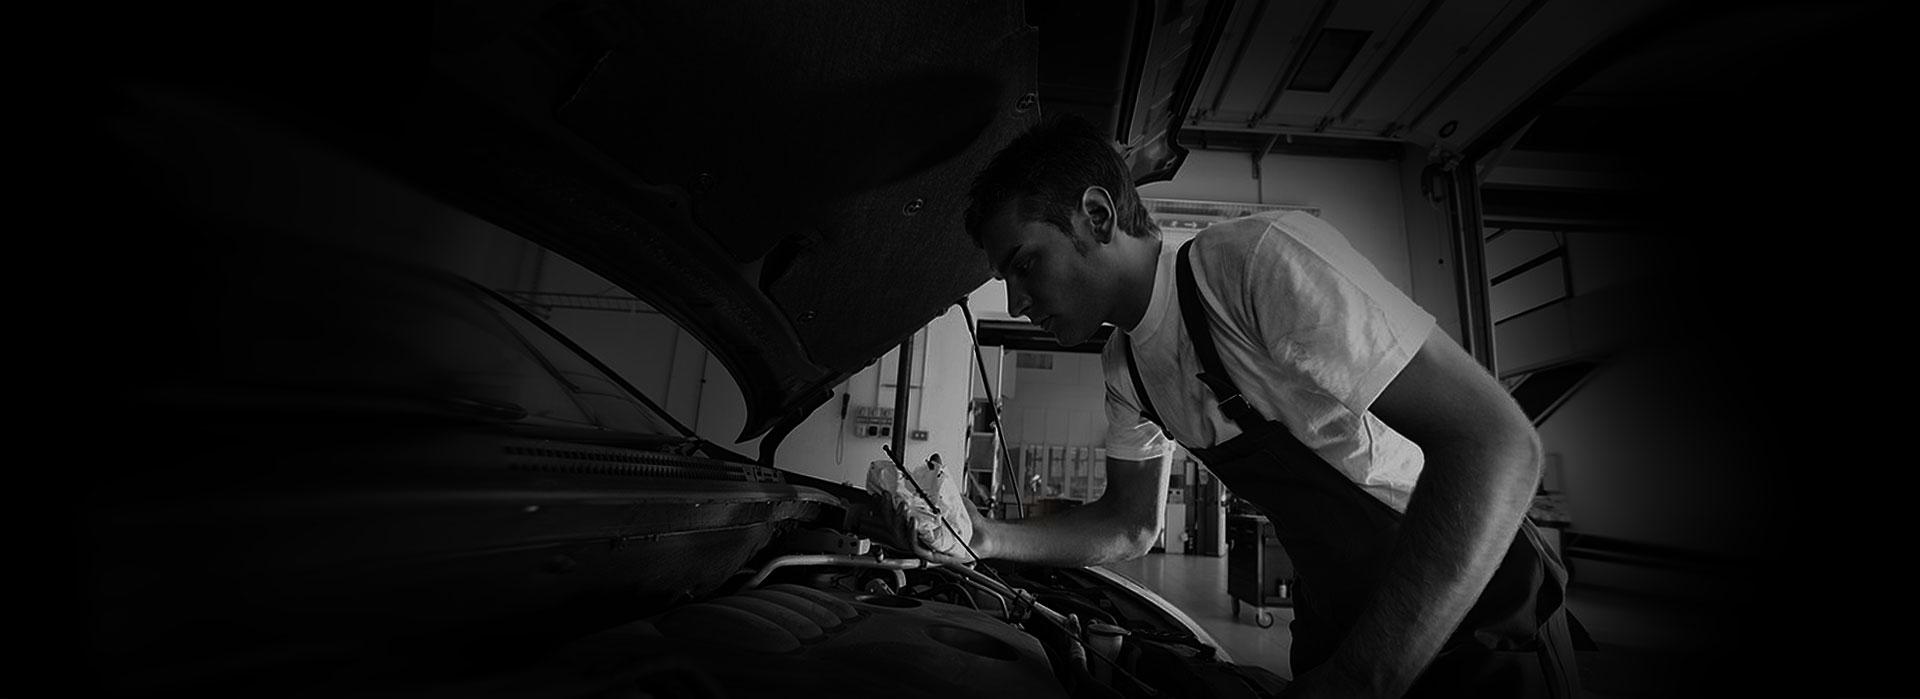 Услуги механика - Mechanic Service в аэропорту Ларнака